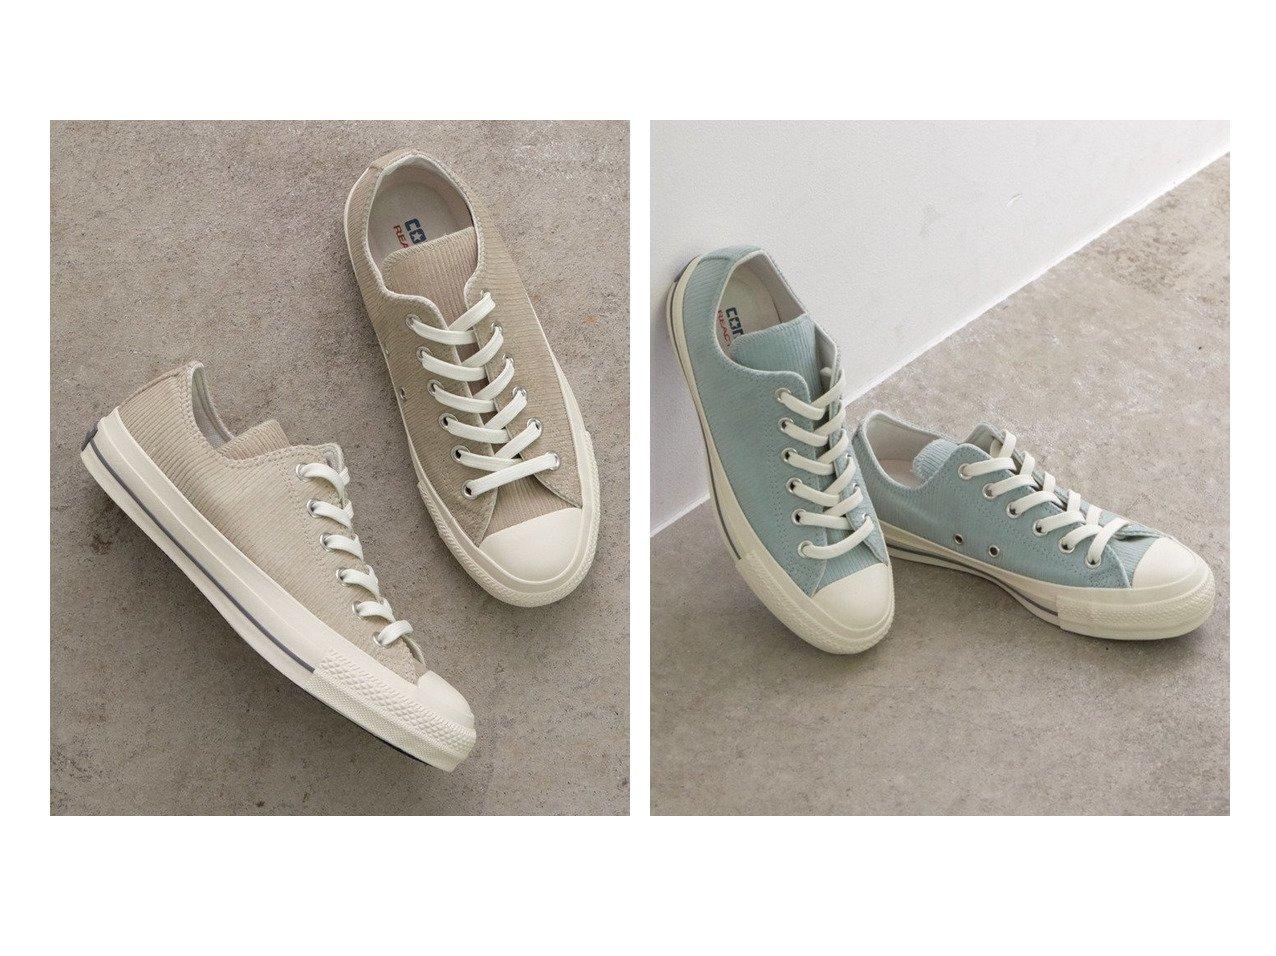 【ROPE' mademoiselle/ロペ マドモアゼル】の【CONVERSE】AS 100 SFT CORD OX シューズ・靴のおすすめ!人気、レディースファッションの通販  おすすめで人気のファッション通販商品 インテリア・家具・キッズファッション・メンズファッション・レディースファッション・服の通販 founy(ファニー) https://founy.com/ ファッション Fashion レディース WOMEN コーデュロイ シューズ スニーカー |ID:crp329100000004100